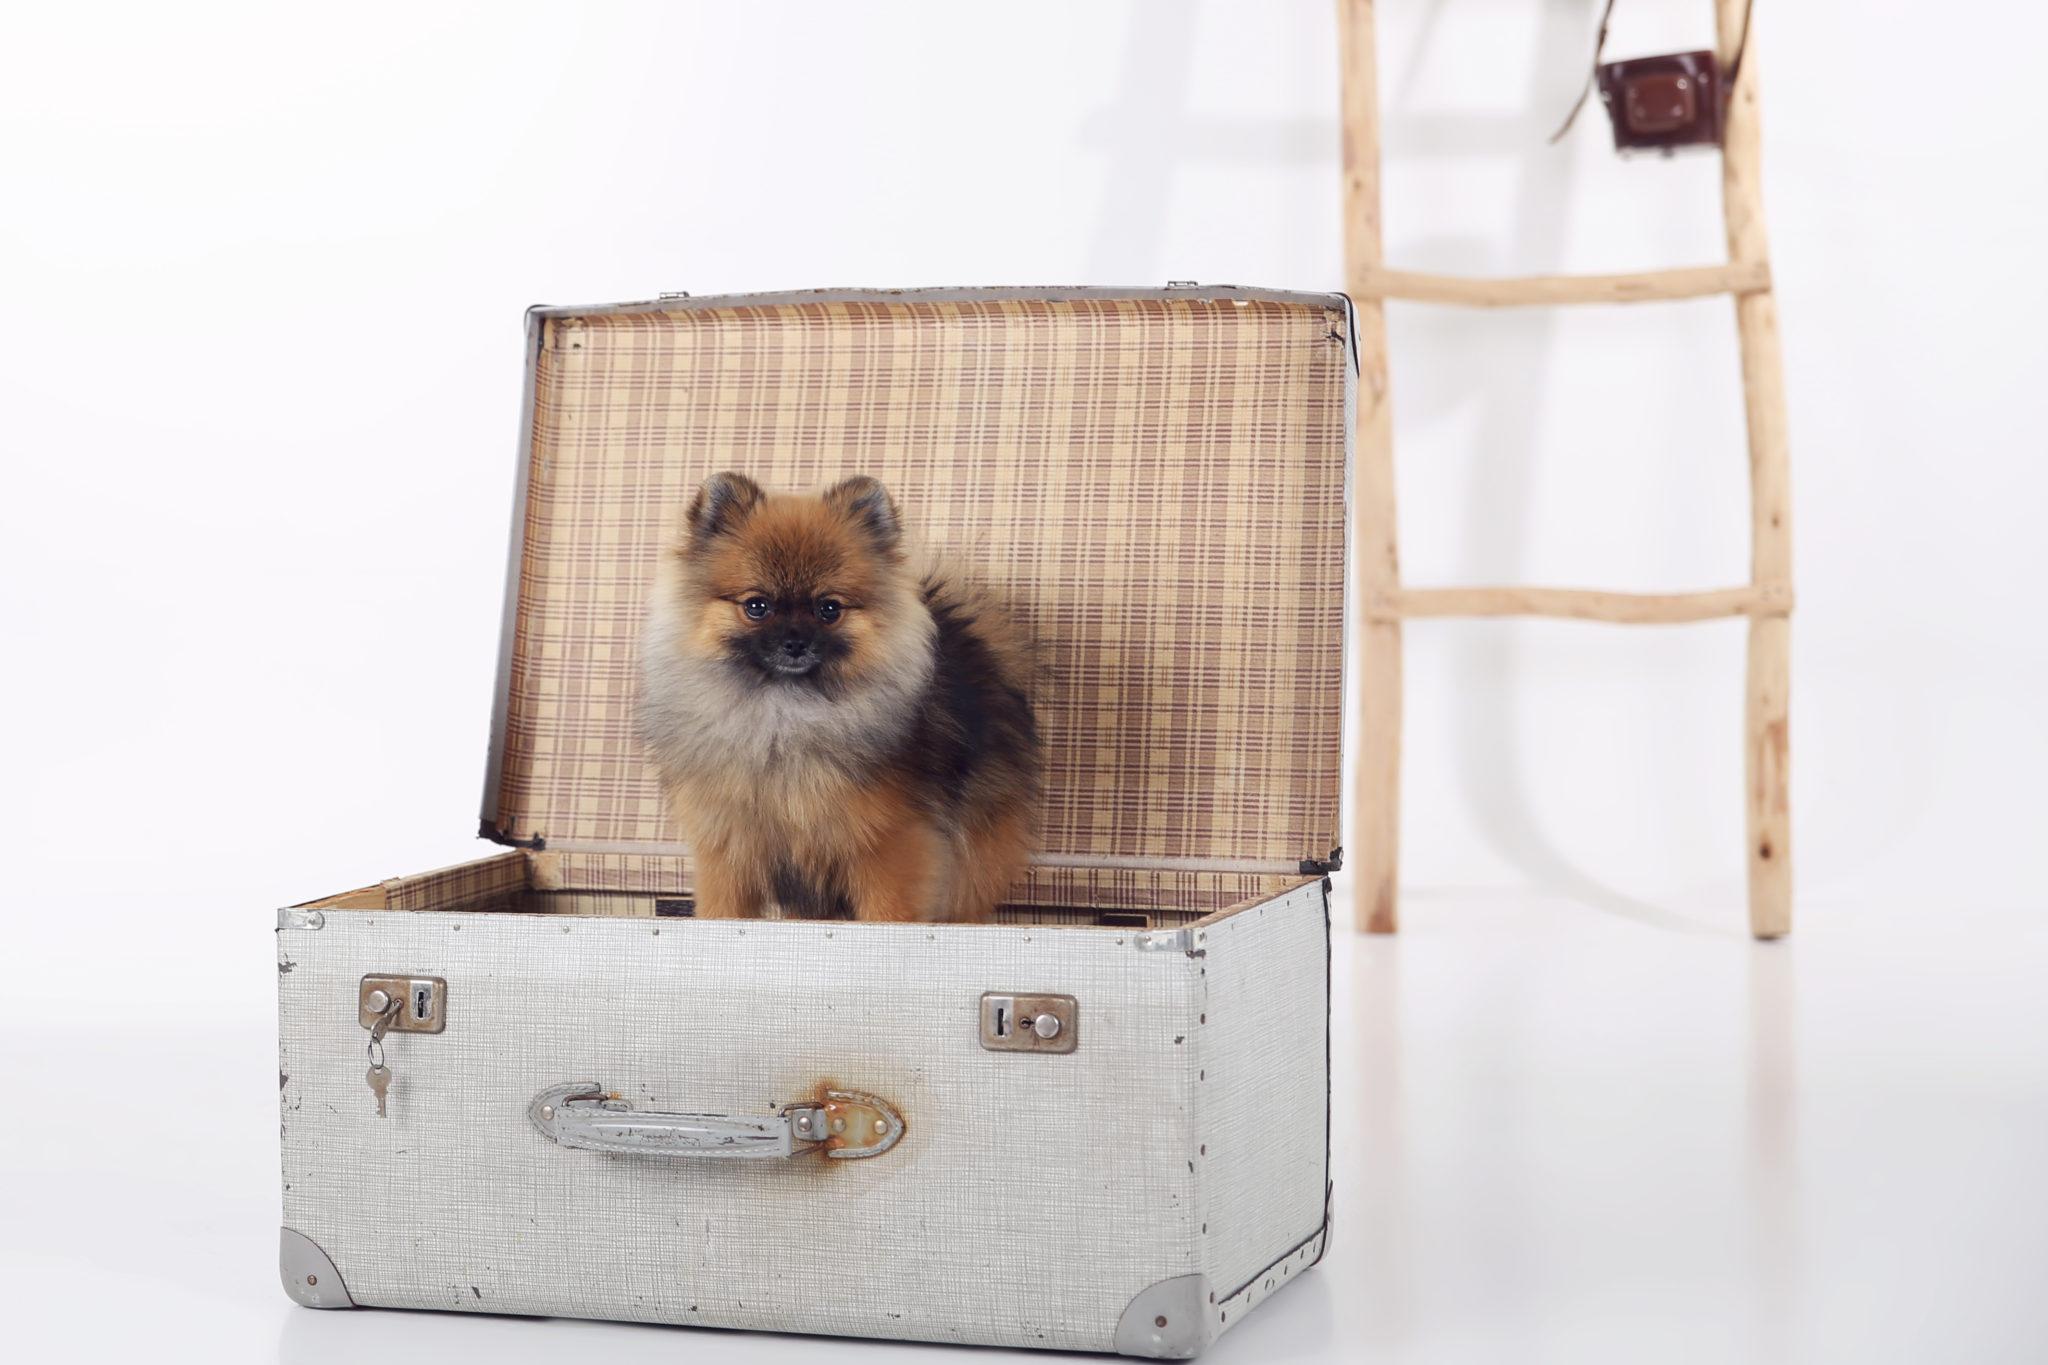 Dieren fotografie - Suus FotoSjop - Oldenzaal - Twente - Studio - Buiten - Leuk - Dog - Hond